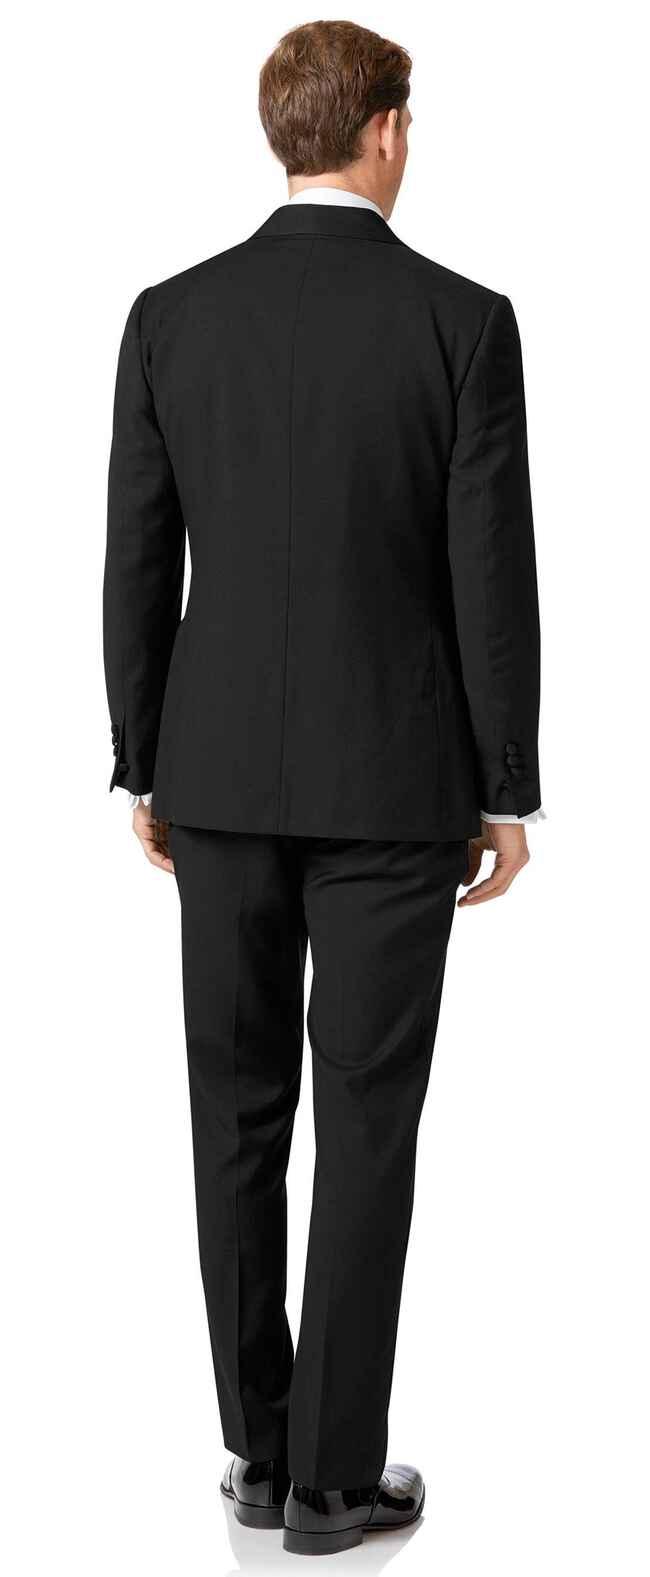 Costume de soirée noir slim fit à col châle